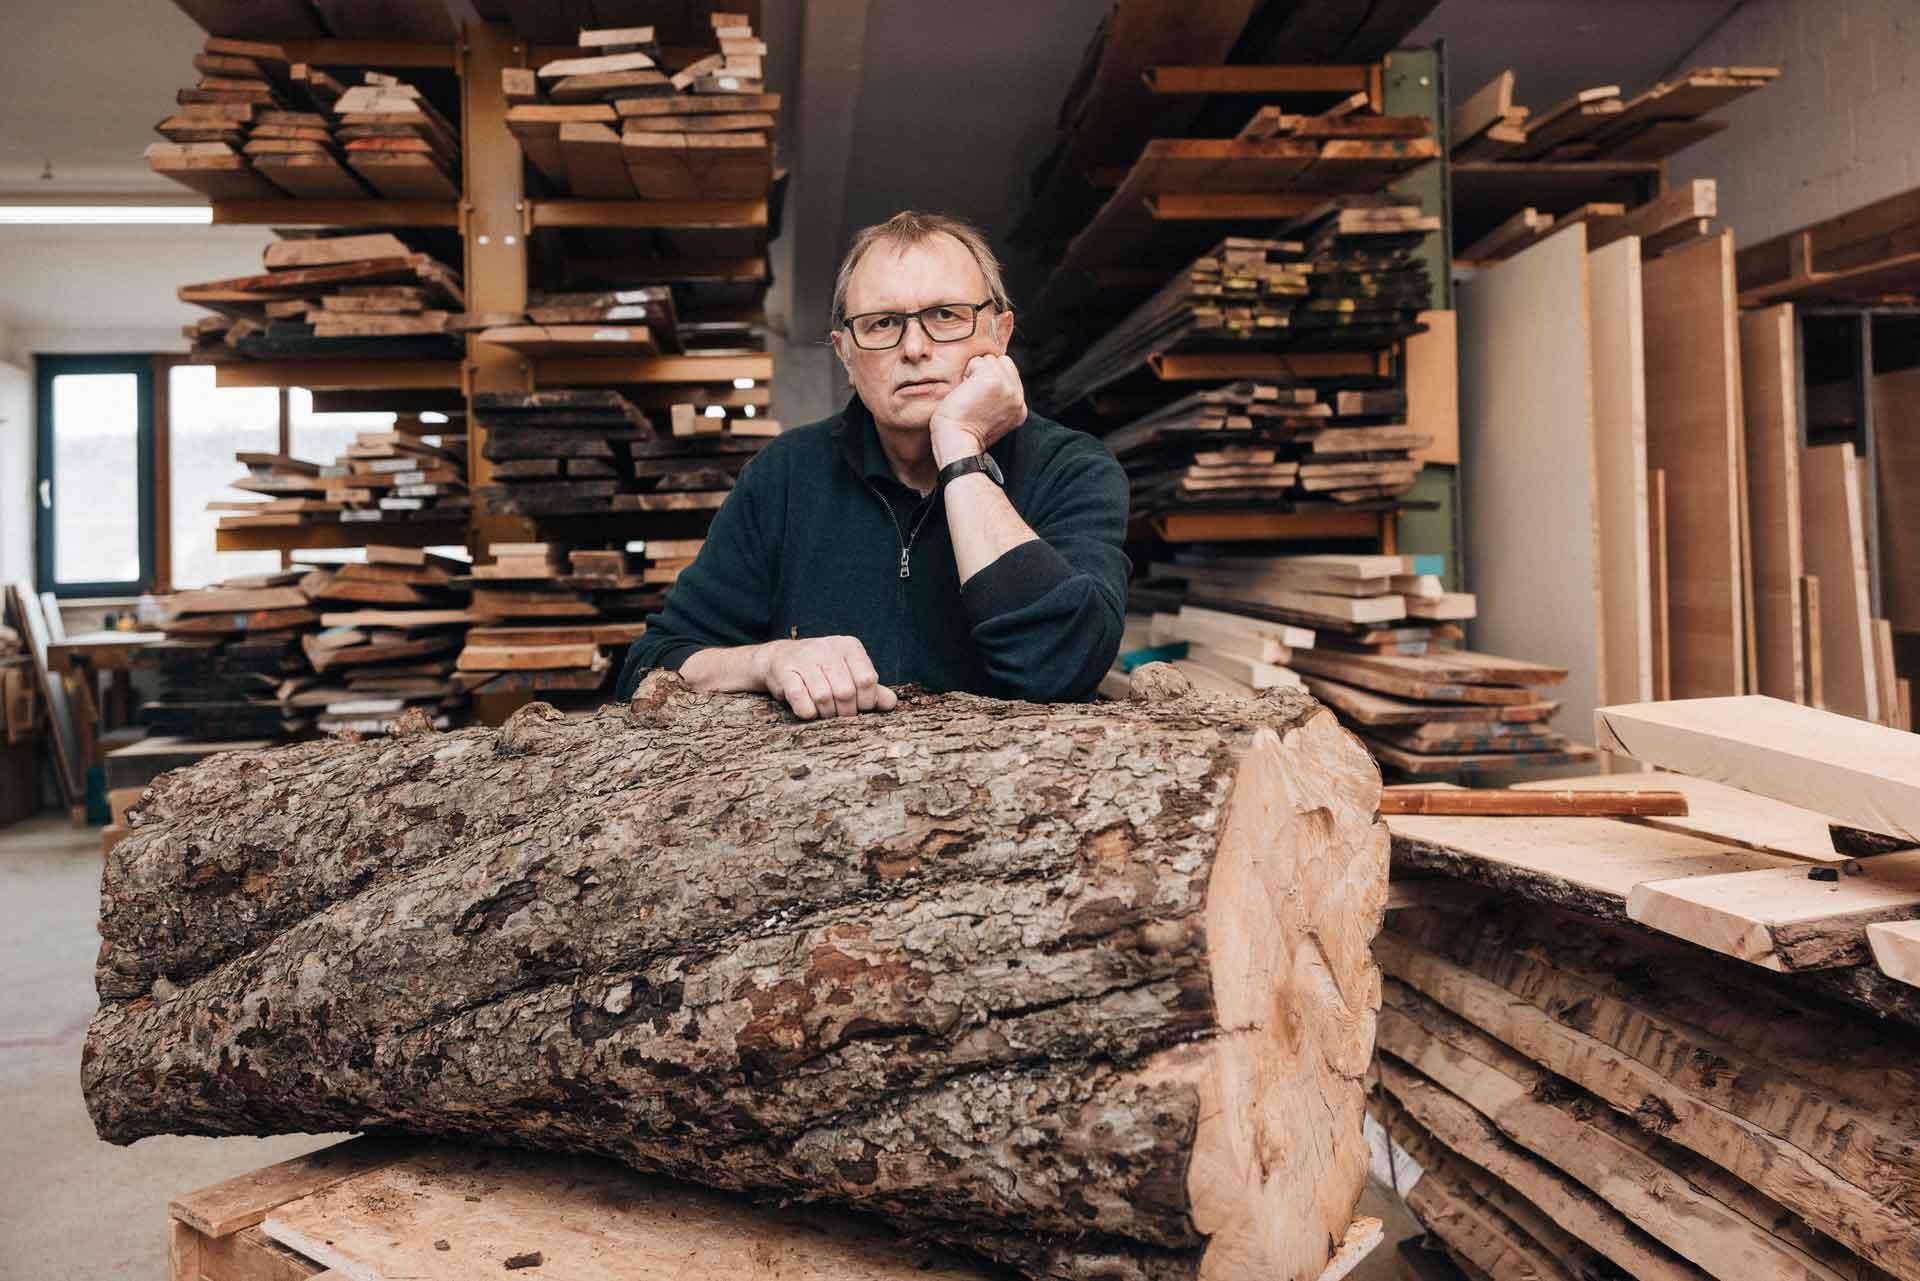 Geschäftsführer der Lignum Möbelmanufaktur Joachim Güntner mit einem Apfelbaumstamm in der Werkstatt.